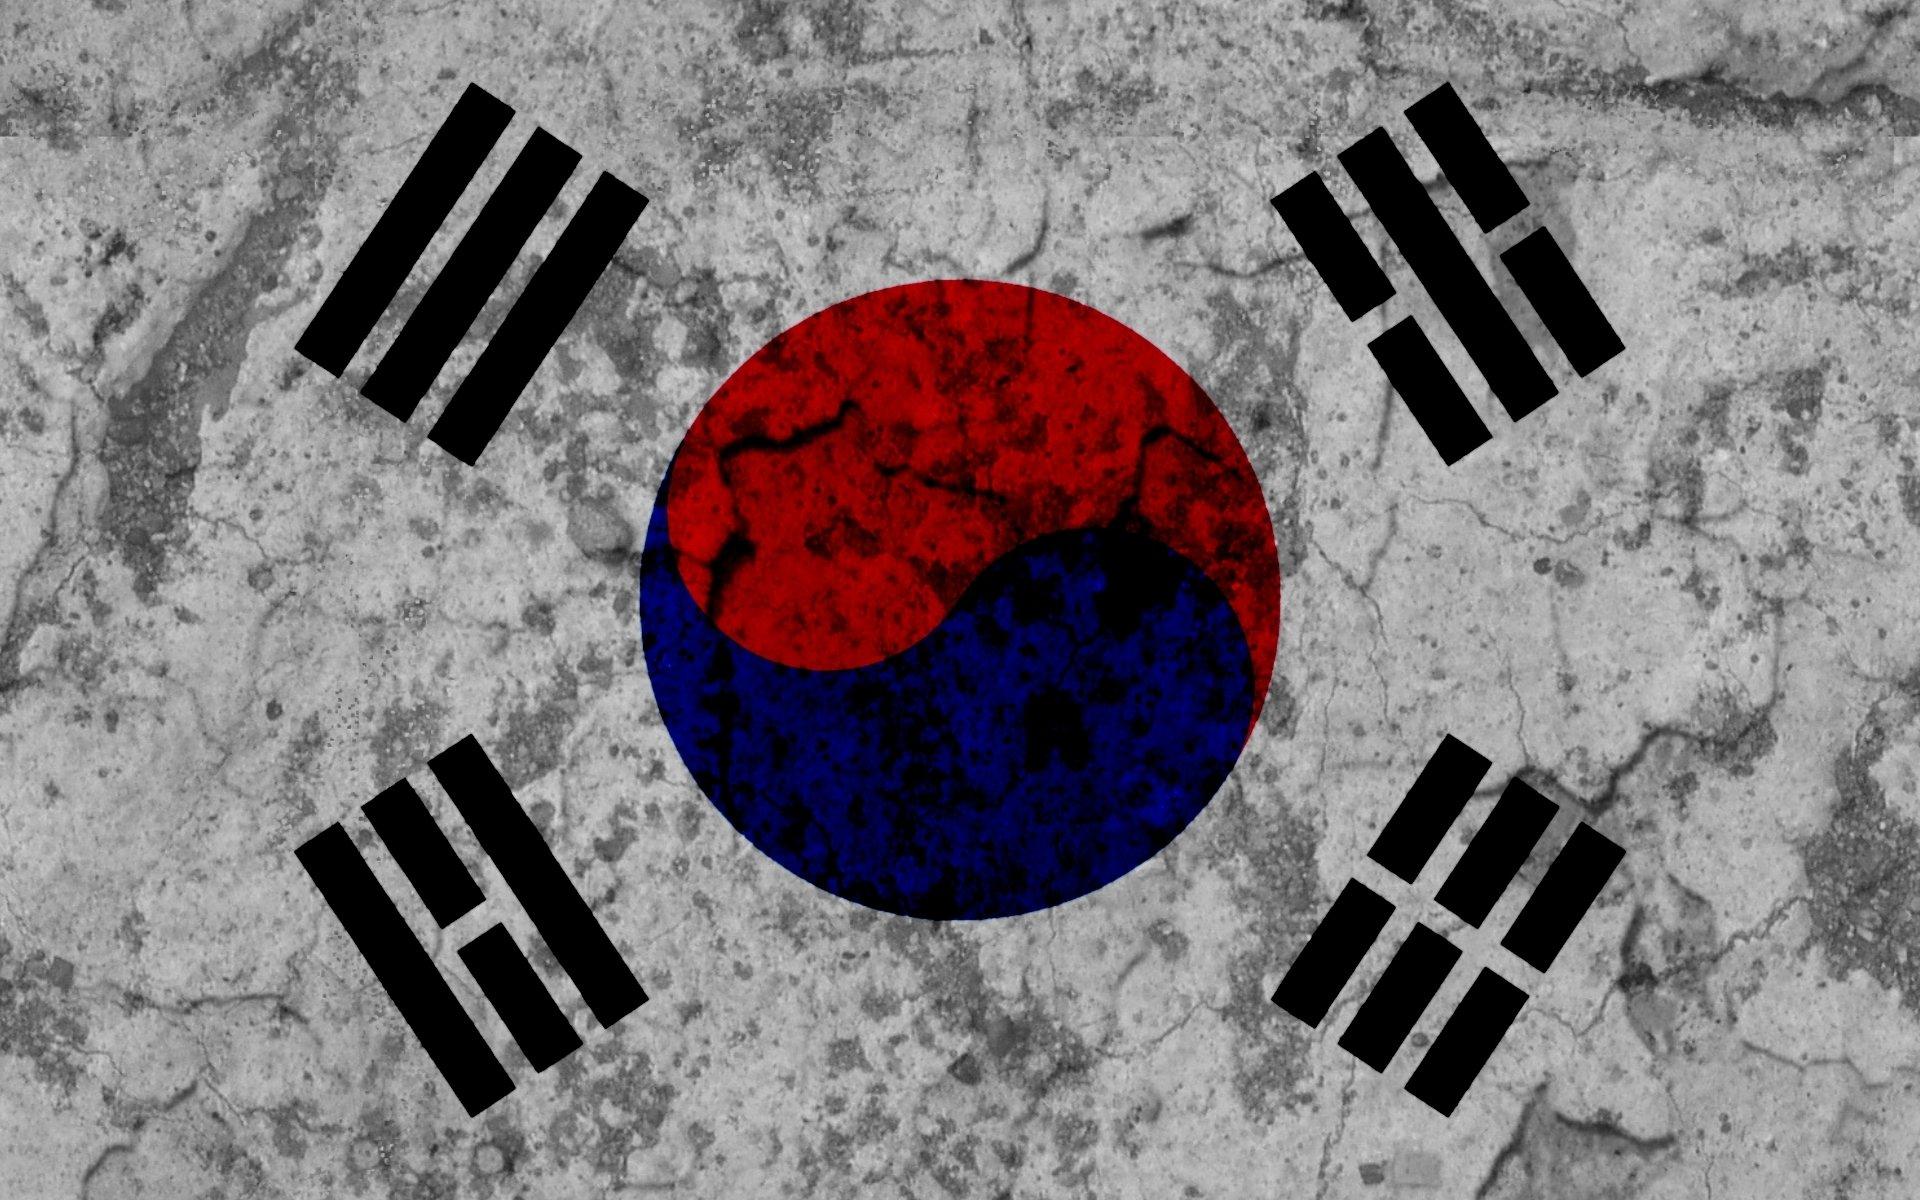 fond d'ecran korean